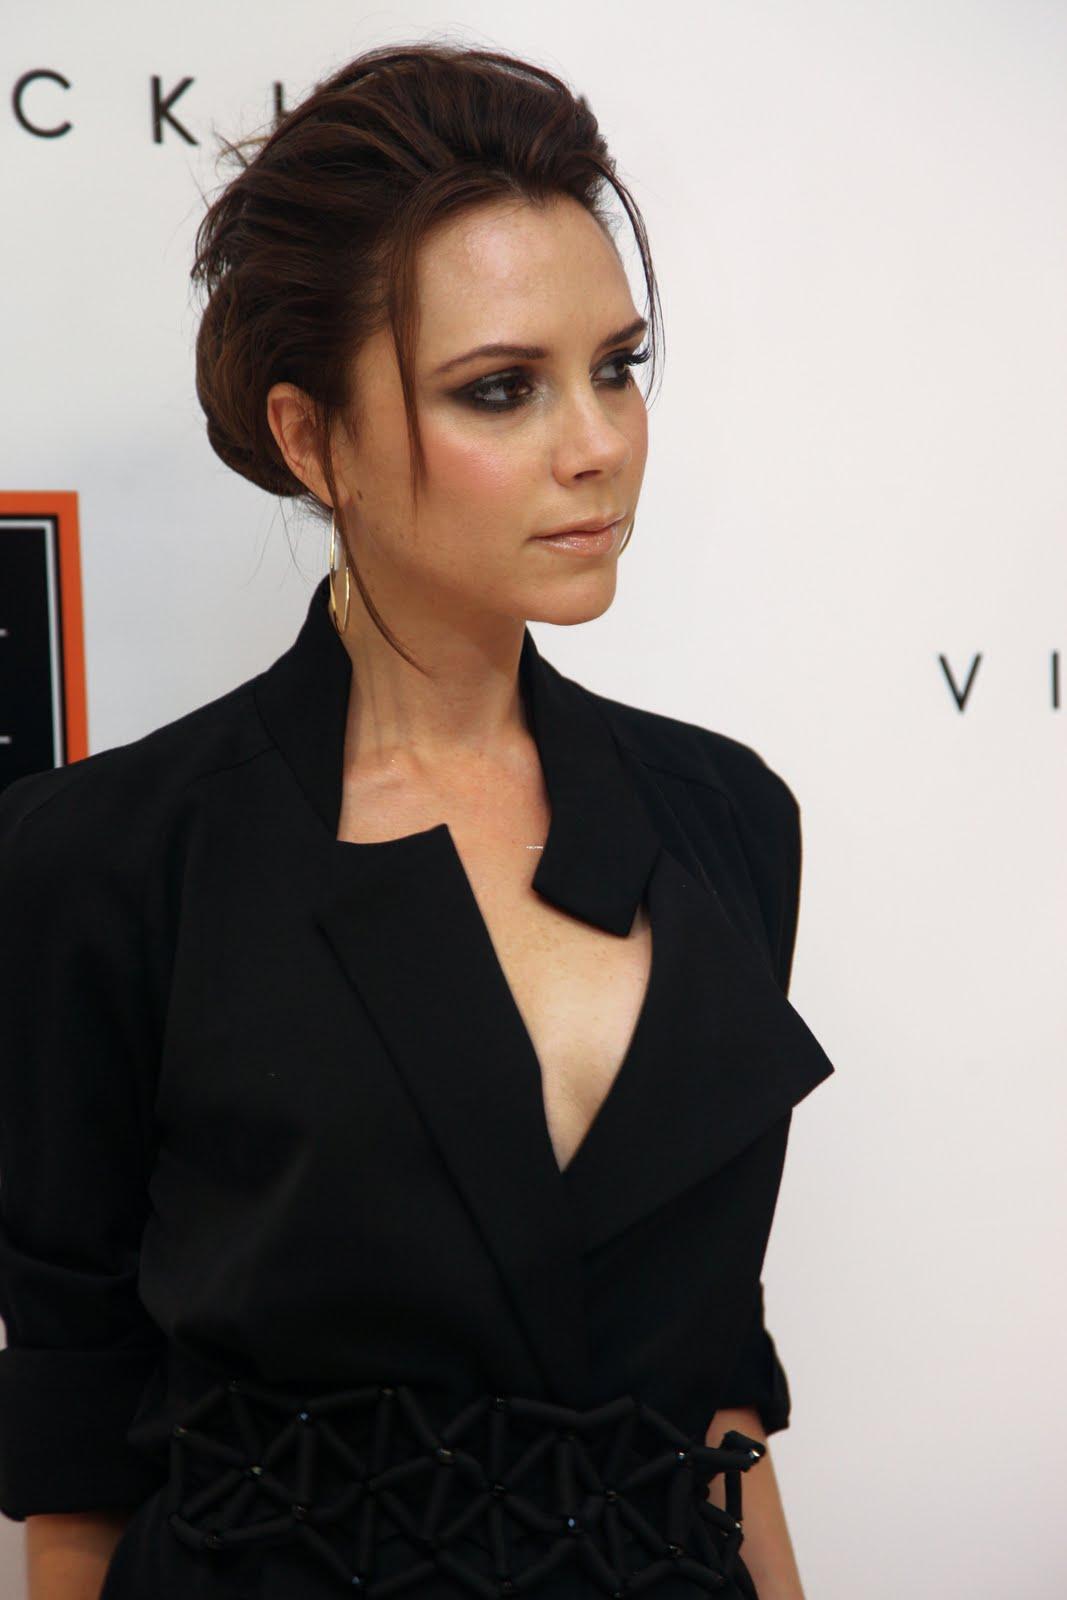 http://2.bp.blogspot.com/_6A8j2EQmANk/S8RNEaHCh5I/AAAAAAAAA4g/TnOX0xzm6e8/s1600/Victoria+Beckham4.jpg